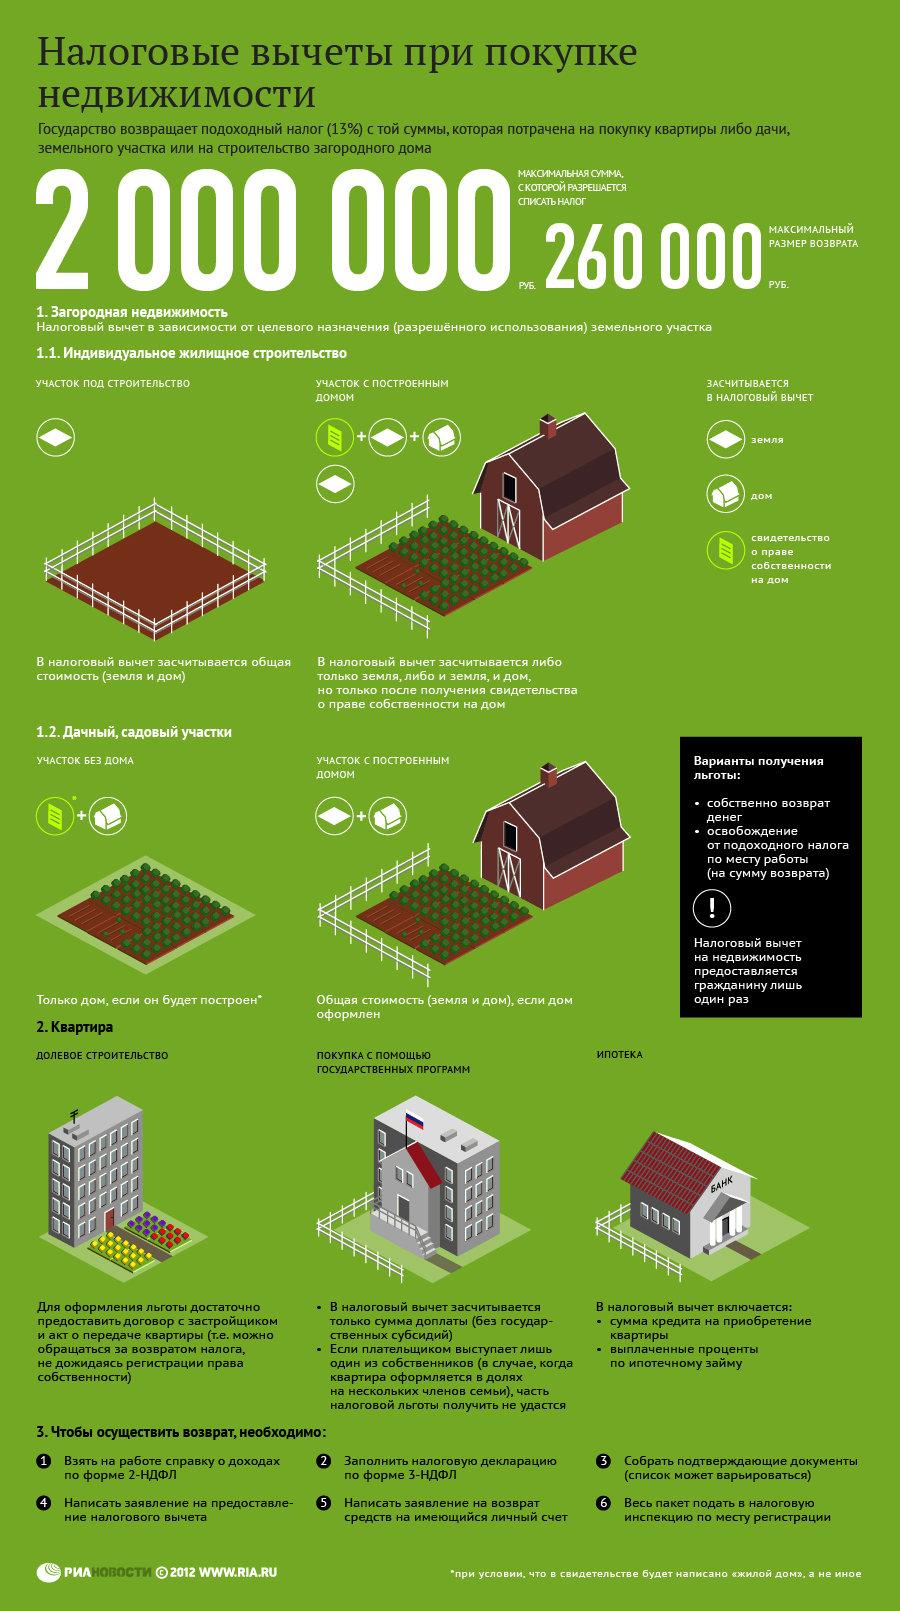 Как получить диоксид серы в домашних условиях